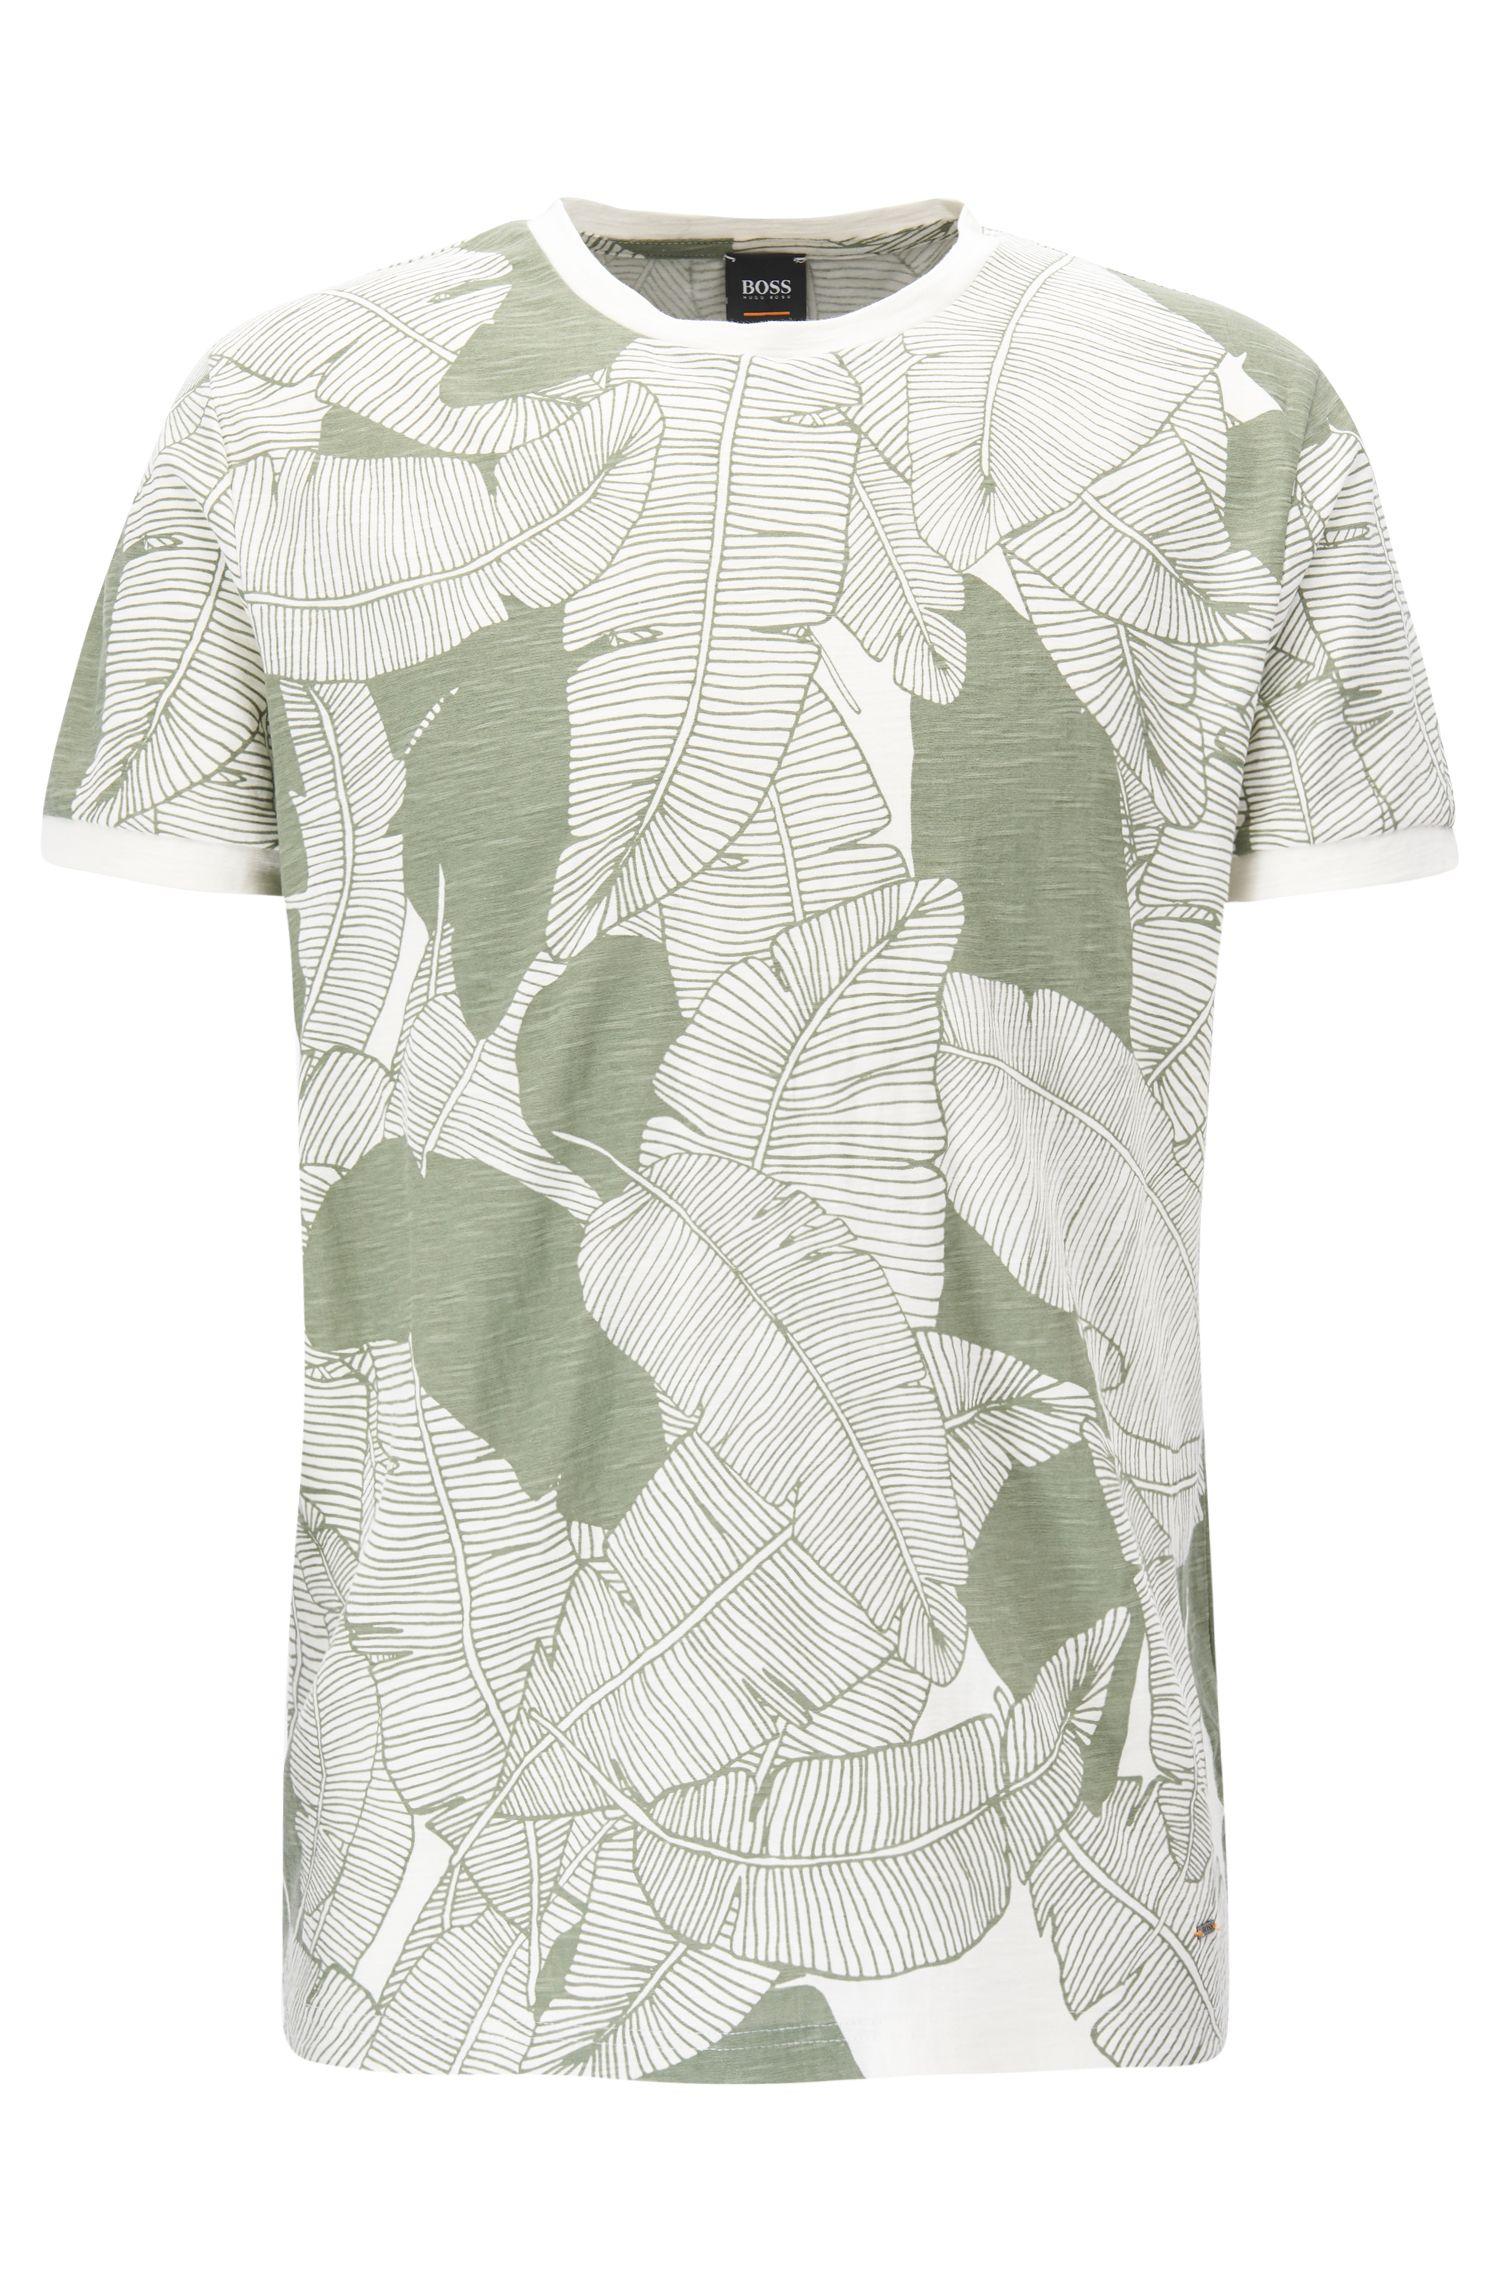 Leaf-Print Slub Jersey T-Shirt   Tarit